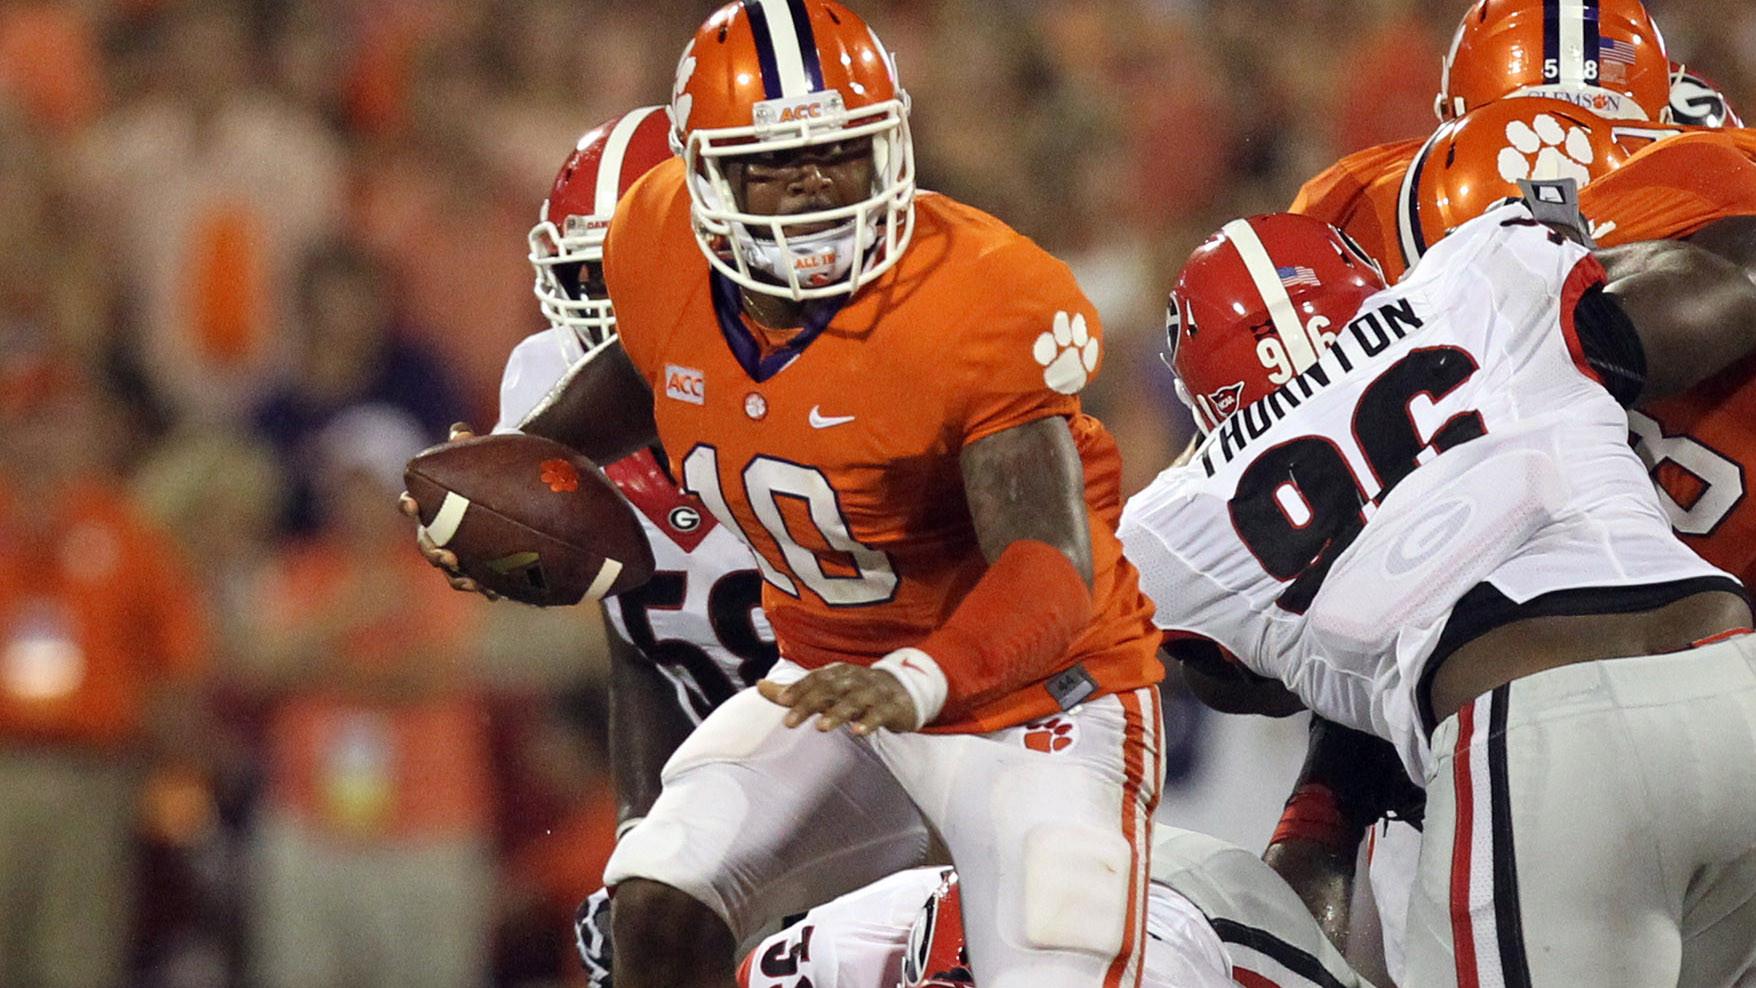 Tigers Take Down Georgia in Top-10 Clash